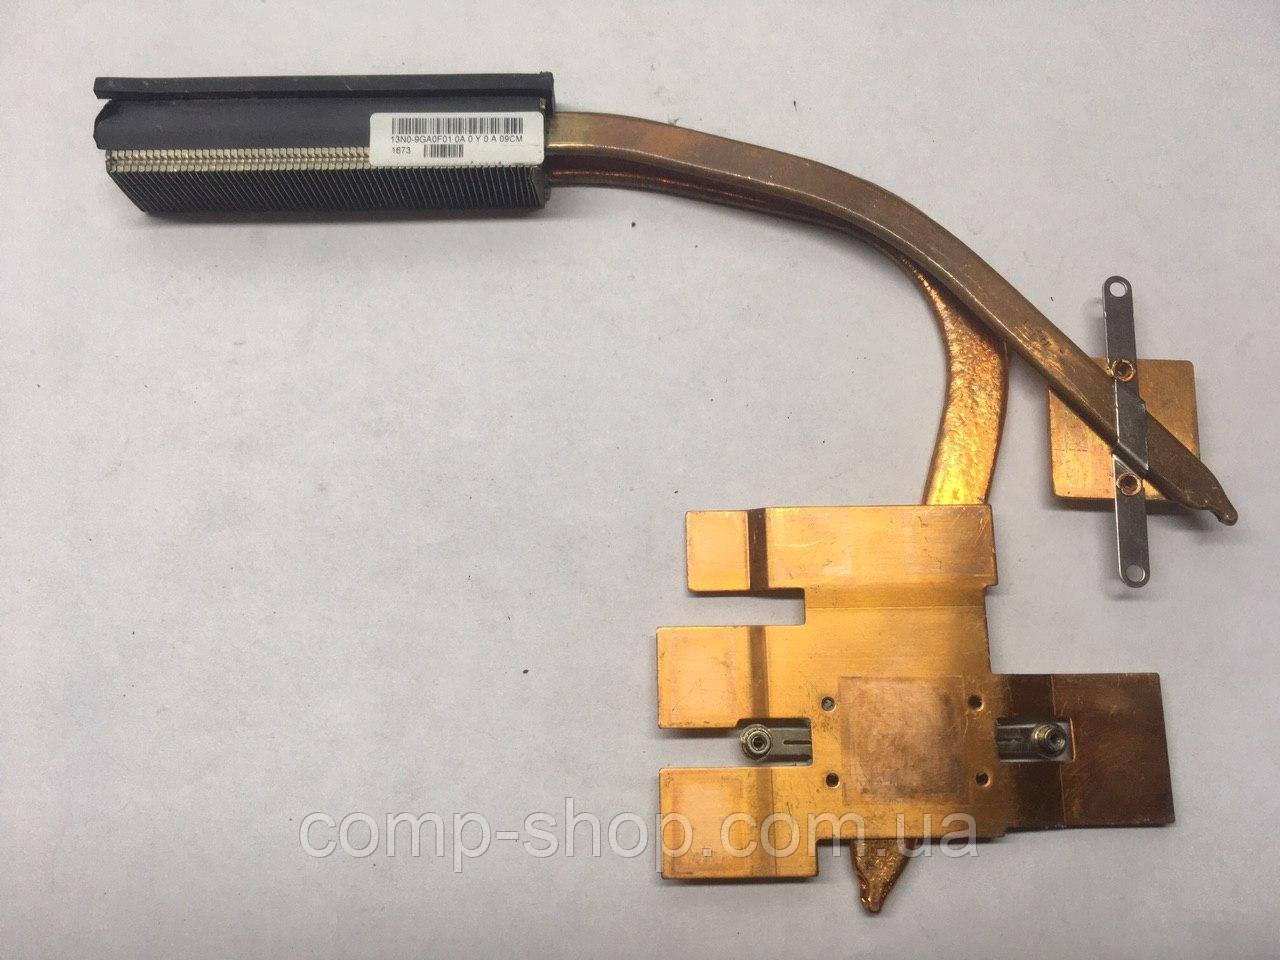 """БУ Asus ROG G72G 17.3 """"Оригинальный радиатор охлаждения ноутбука 13N0-9GA0F01 ER (Оригинал)"""